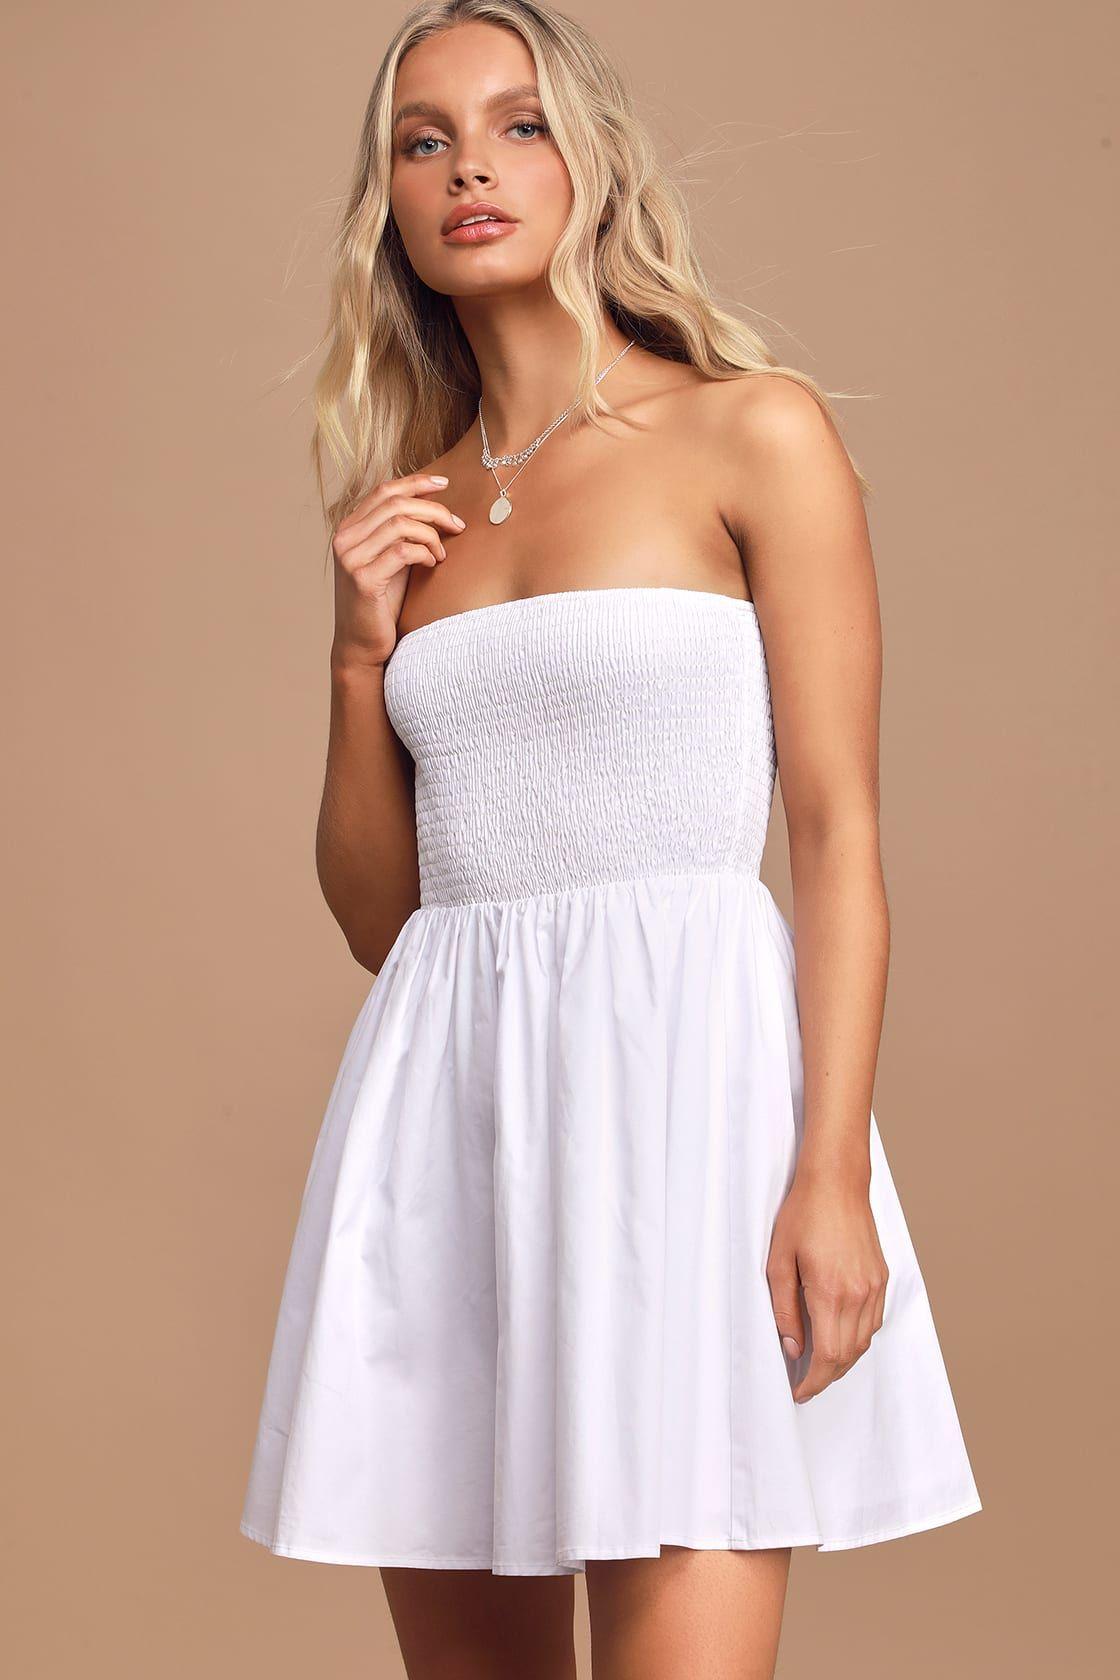 Our Love Story White Strapless Smocked Mini Skater Dress In 2020 Mini Skater Dress Cute Dresses For Teens White Mini Dress [ 1680 x 1120 Pixel ]